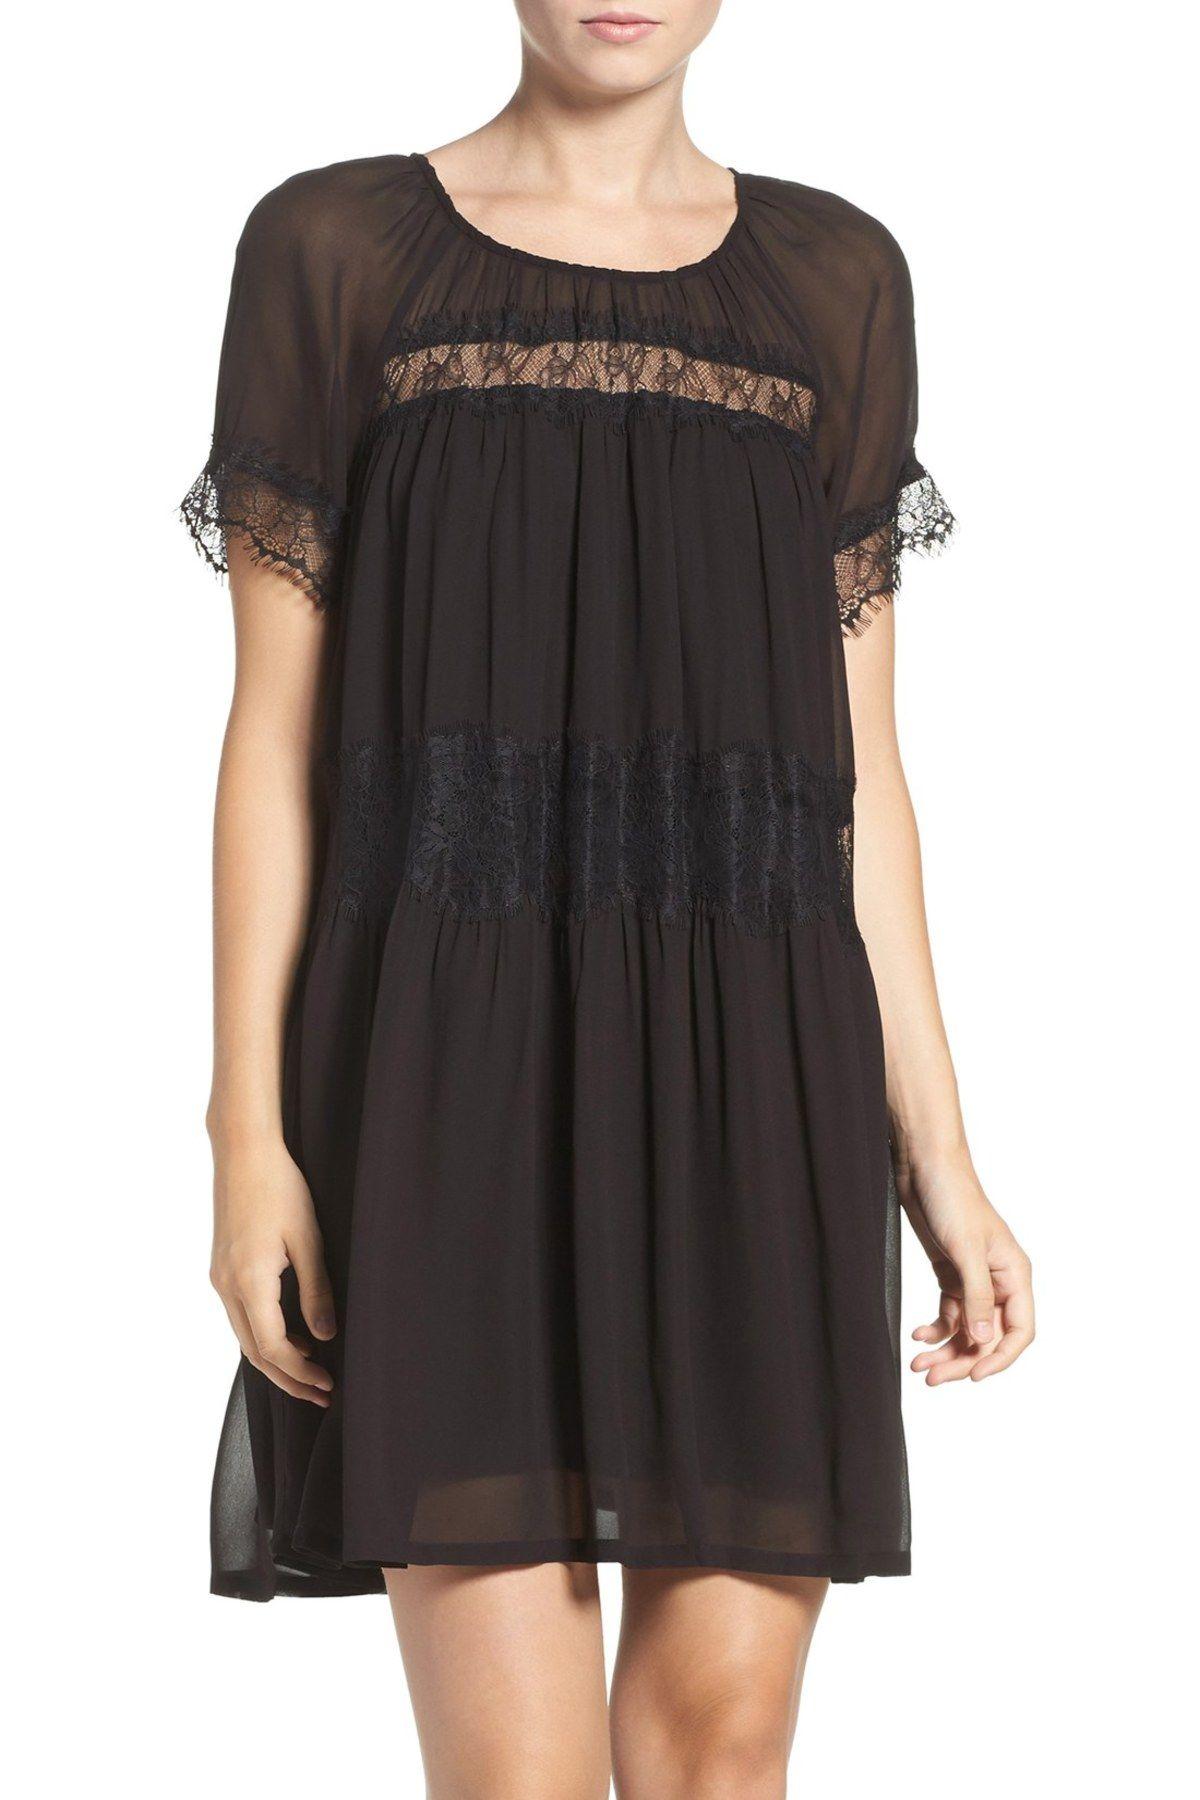 Lace Chiffon Babydoll Dress